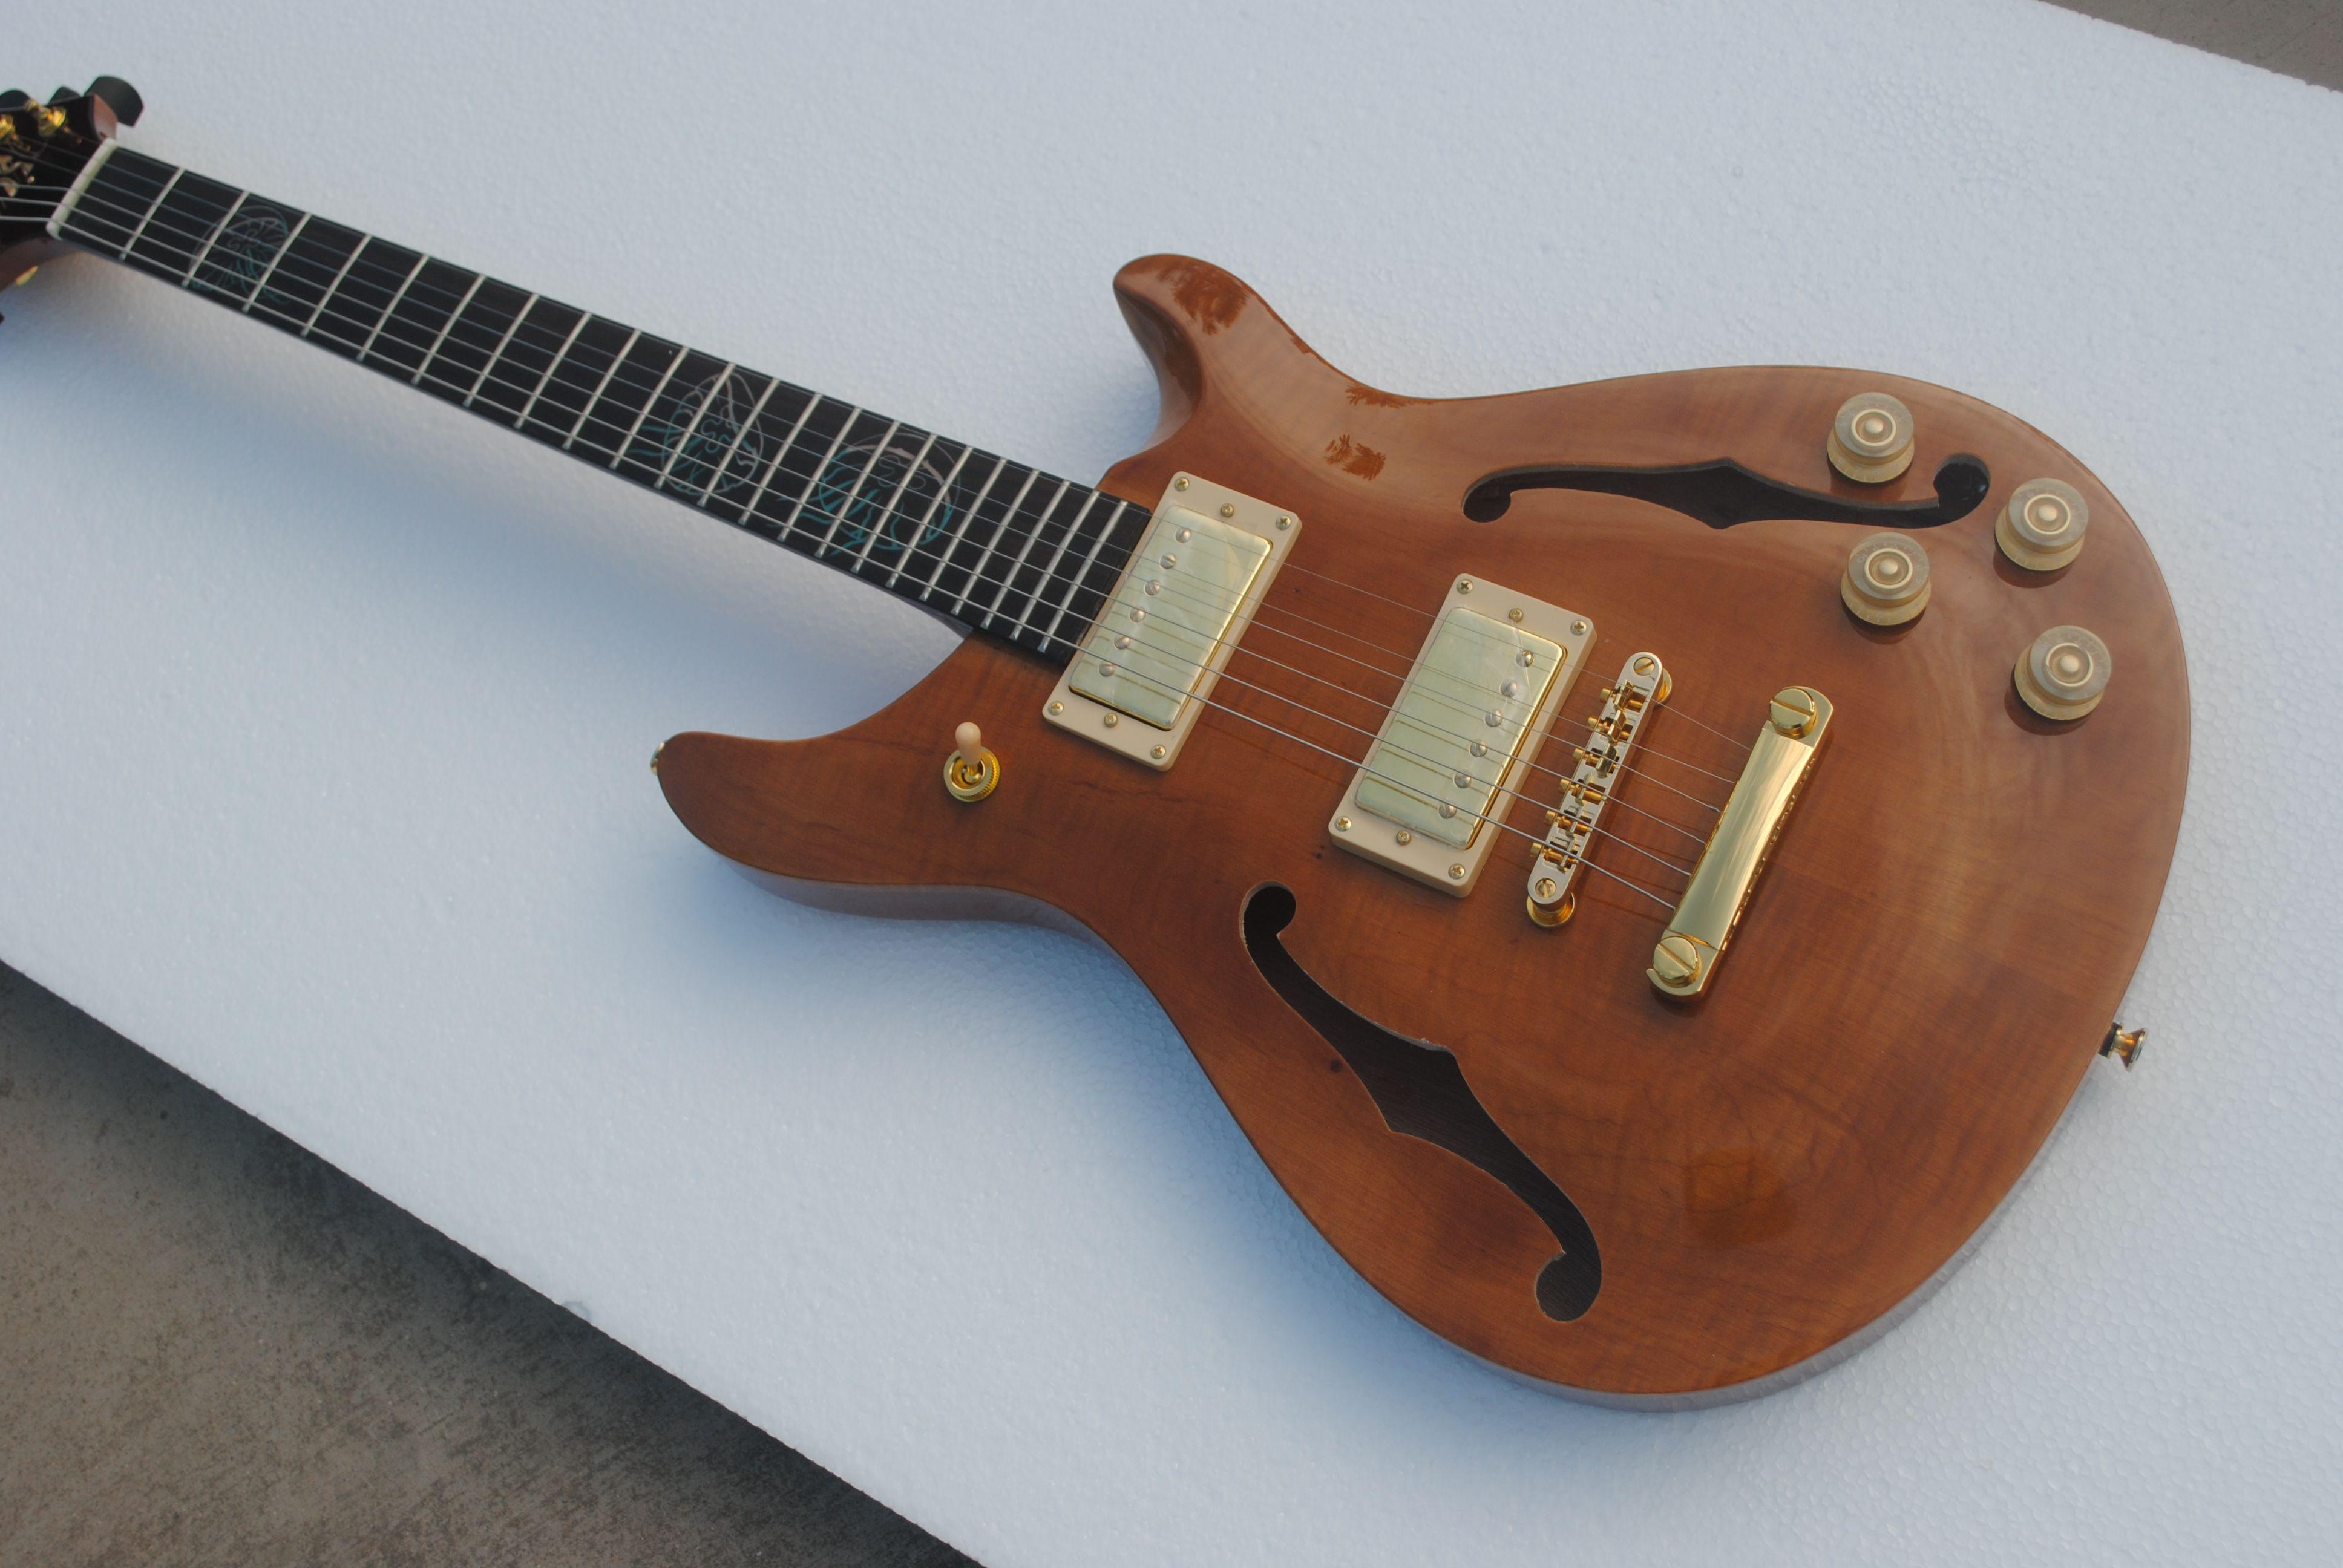 guitarra personalizada, as remessas também pode ser feita durante o surto! (Pagar uma taxa de carga pequeno) Não há guitarras não podemos fazer.! L-40-